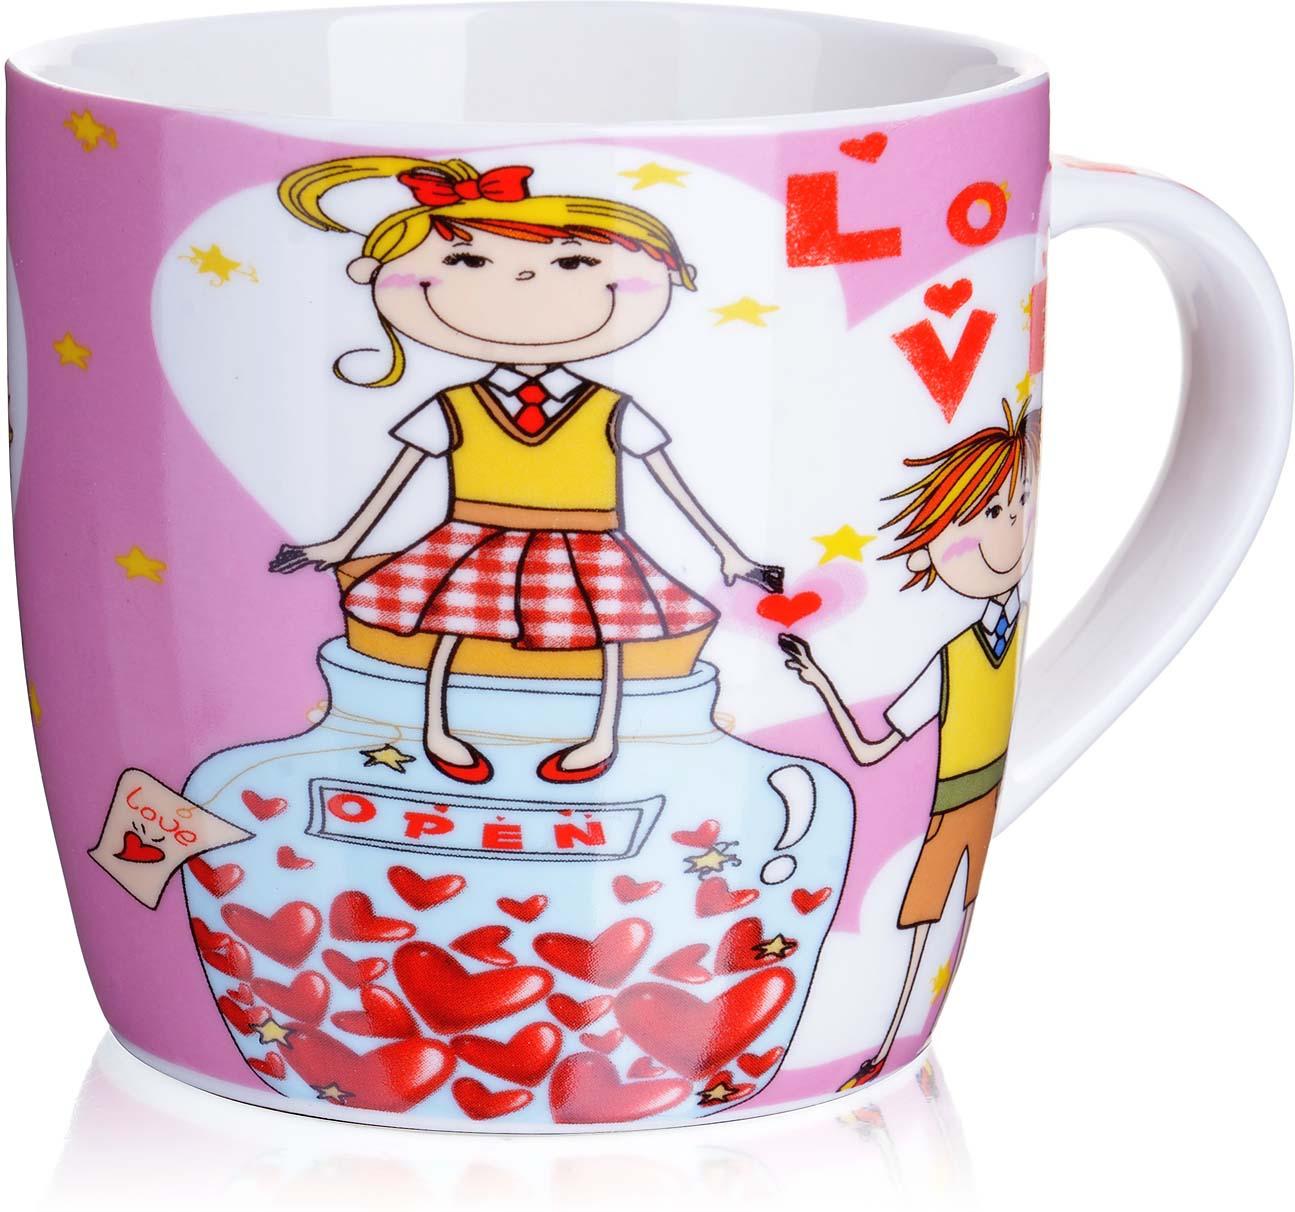 Кружка Loraine I Love You, цвет: белый, розовый, желтый, 320 мл кружка loraine i love you цвет белый красный розовый 320 мл